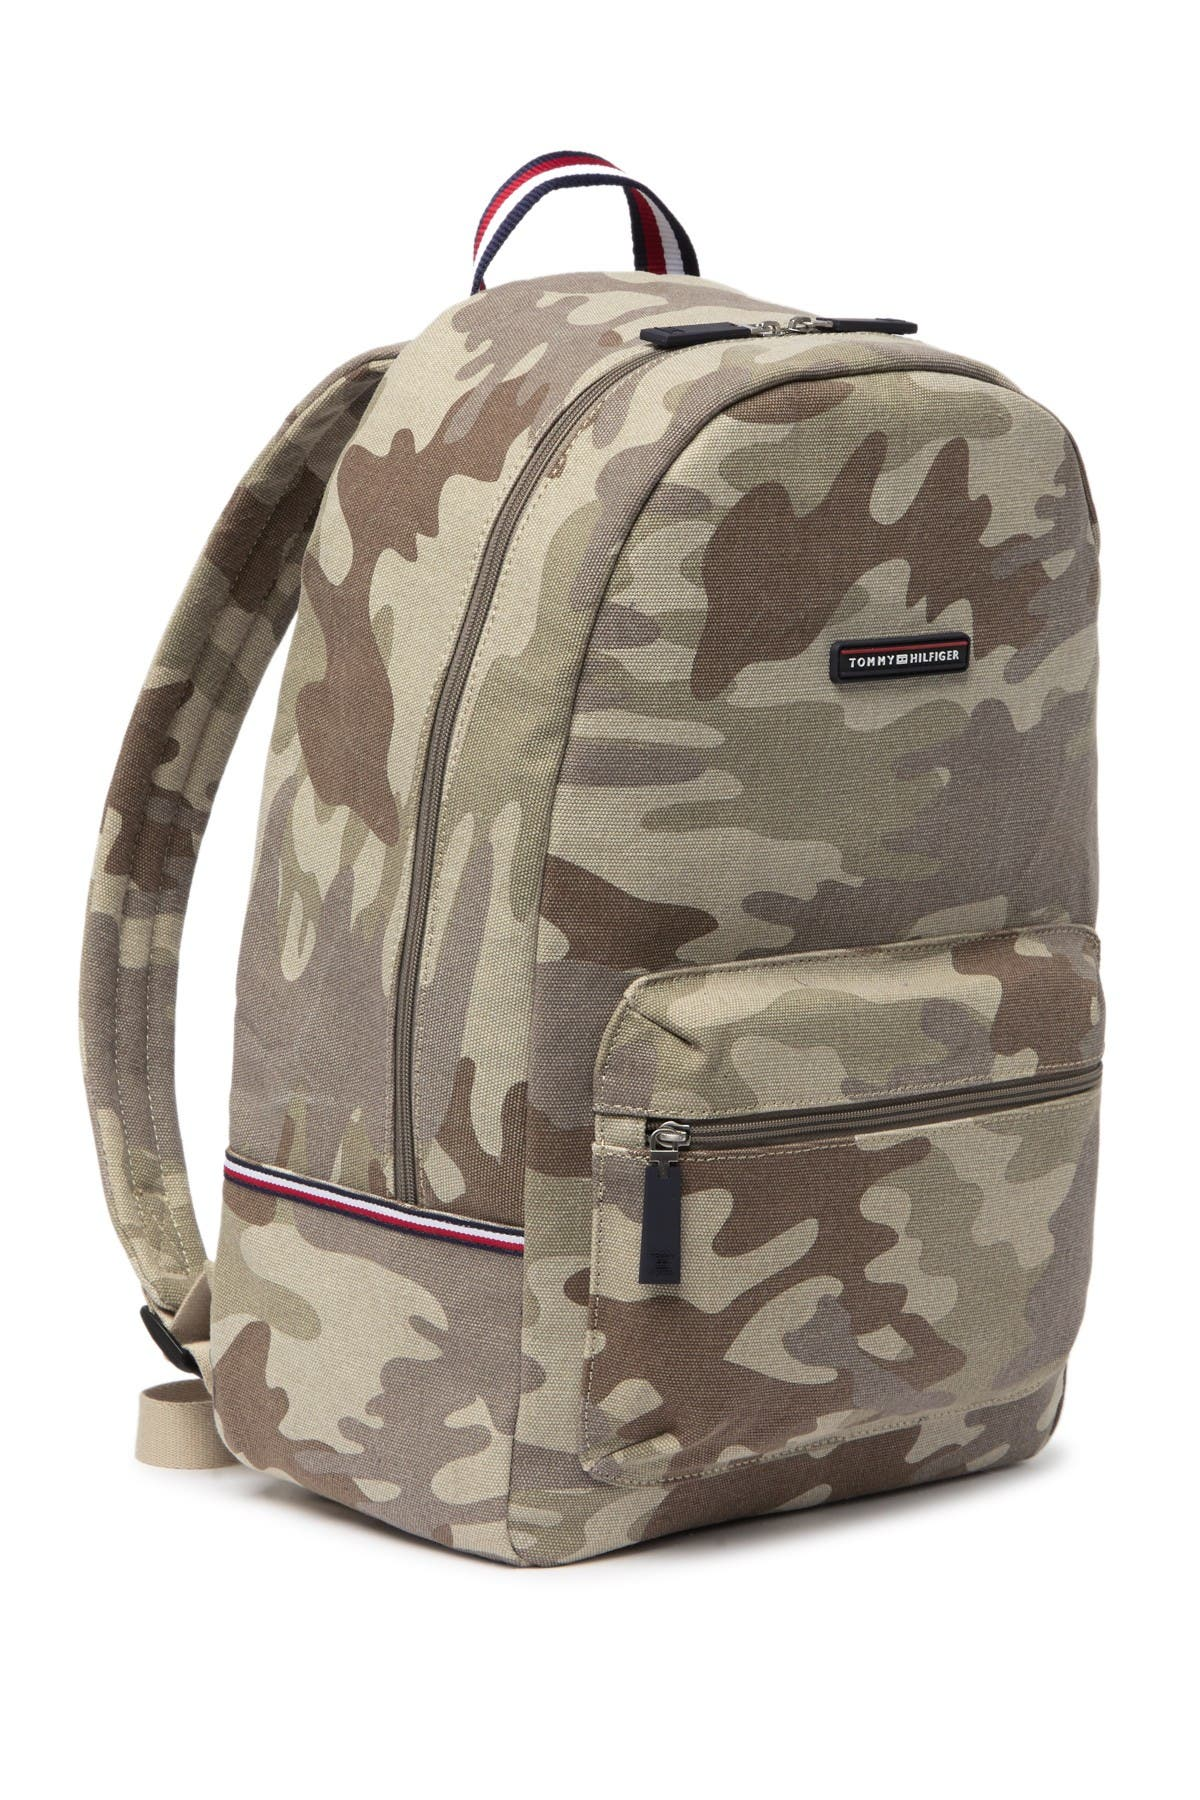 Tommy Hilfiger Alexander Camo Backpack